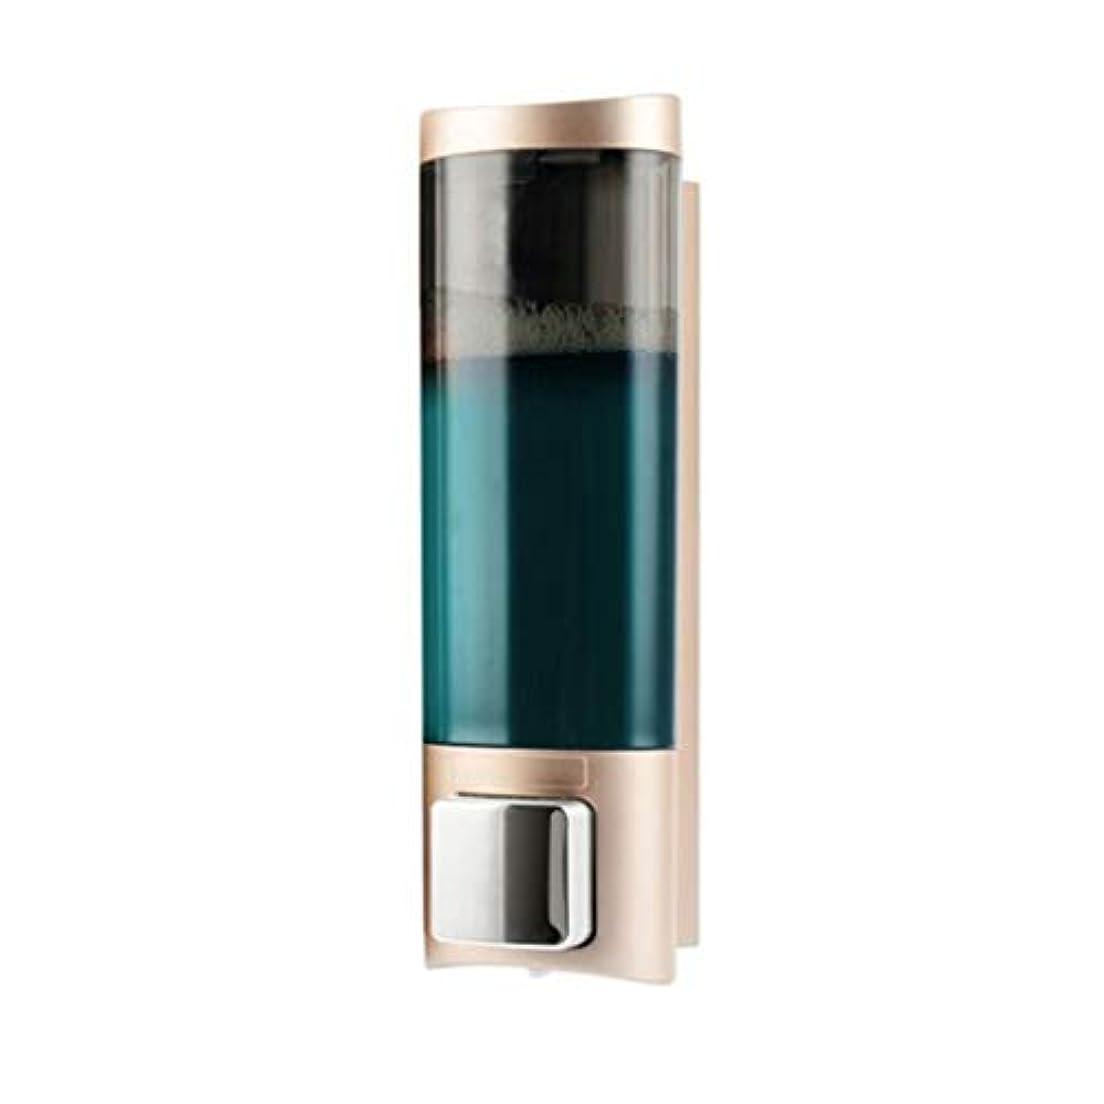 花束リアル詳細なKylinssh 液体石鹸ディスペンサーポンプ、浴室または台所、家のホテル - ステンレス鋼のために理想的な壁の台紙の石鹸/ローションディスペンサーポンプ